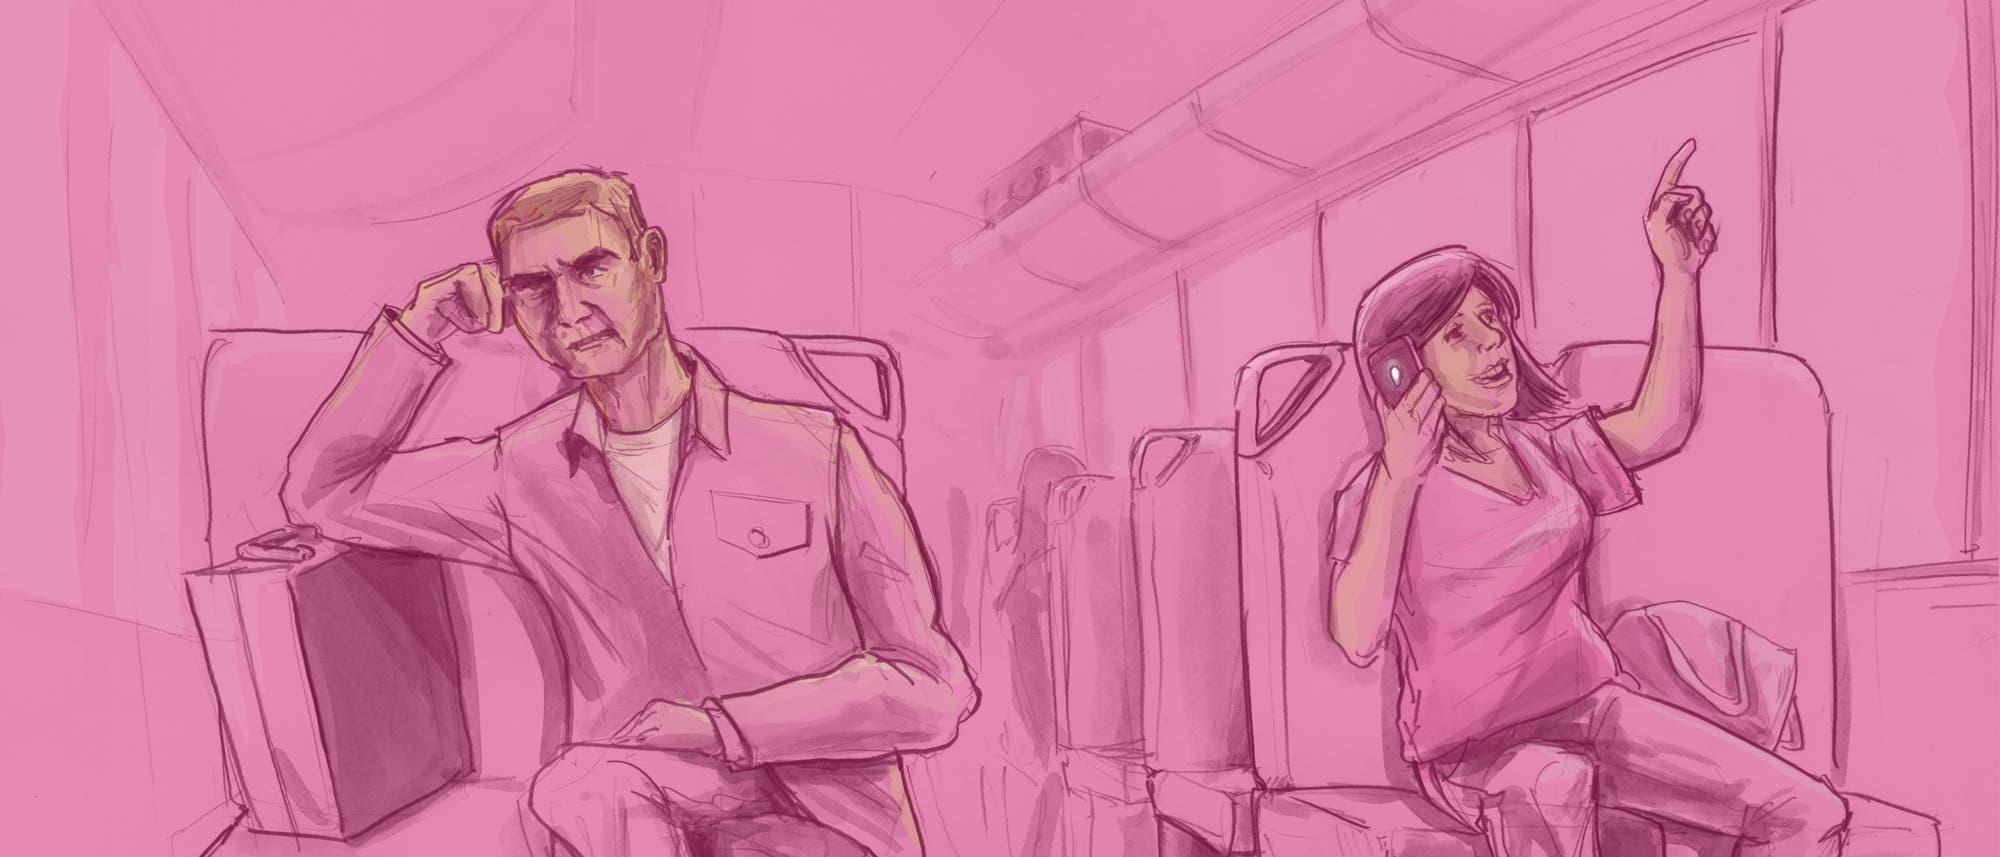 Illustration von Reisenden in der Bahn: Eine Frau telefoniert fröhlich, ein Mann guckt genervt